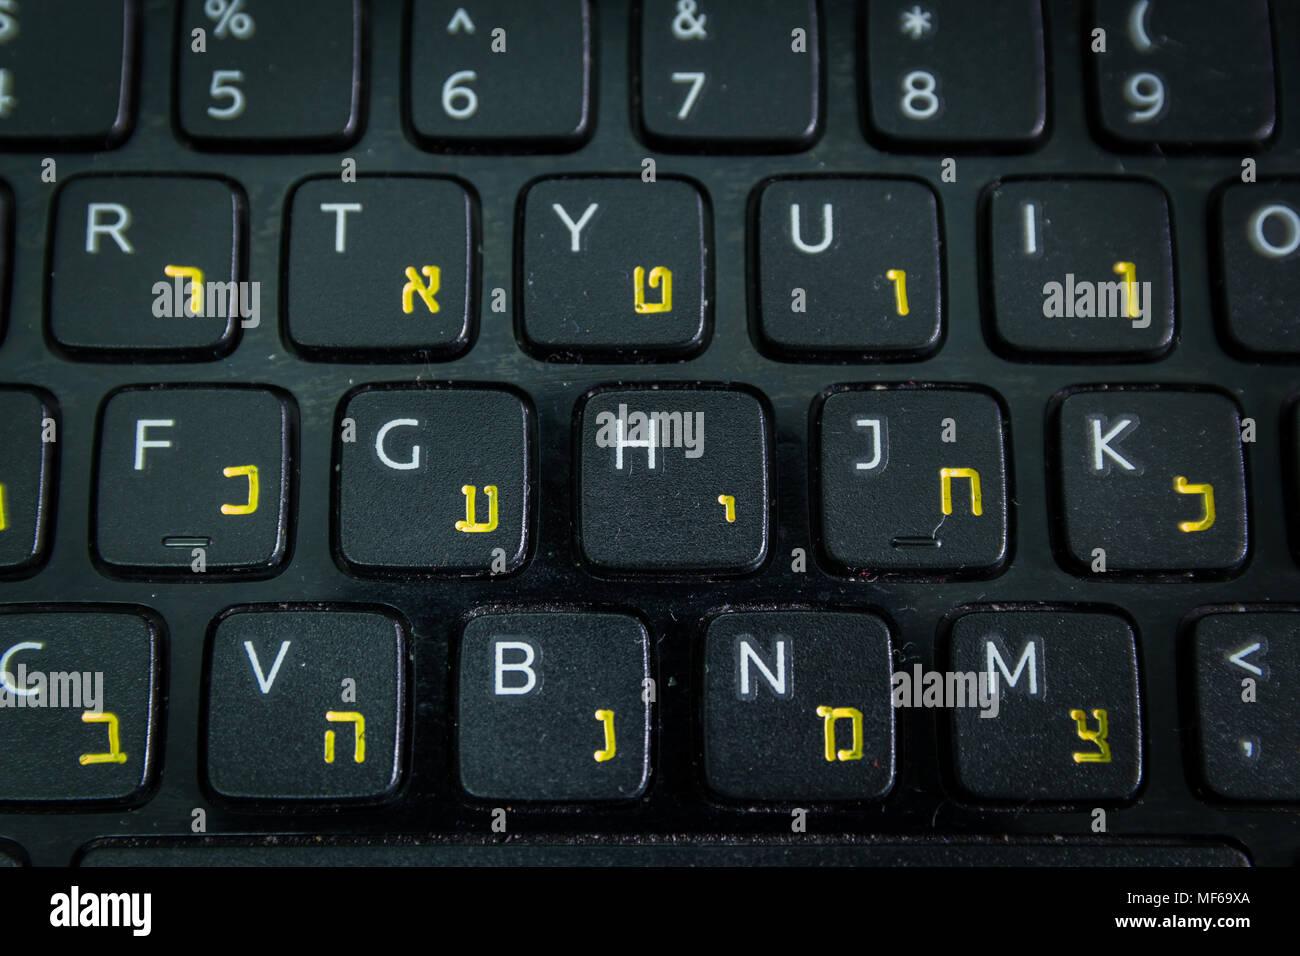 Clavier avec lettres en hébreu et en anglais clavier ordinateur